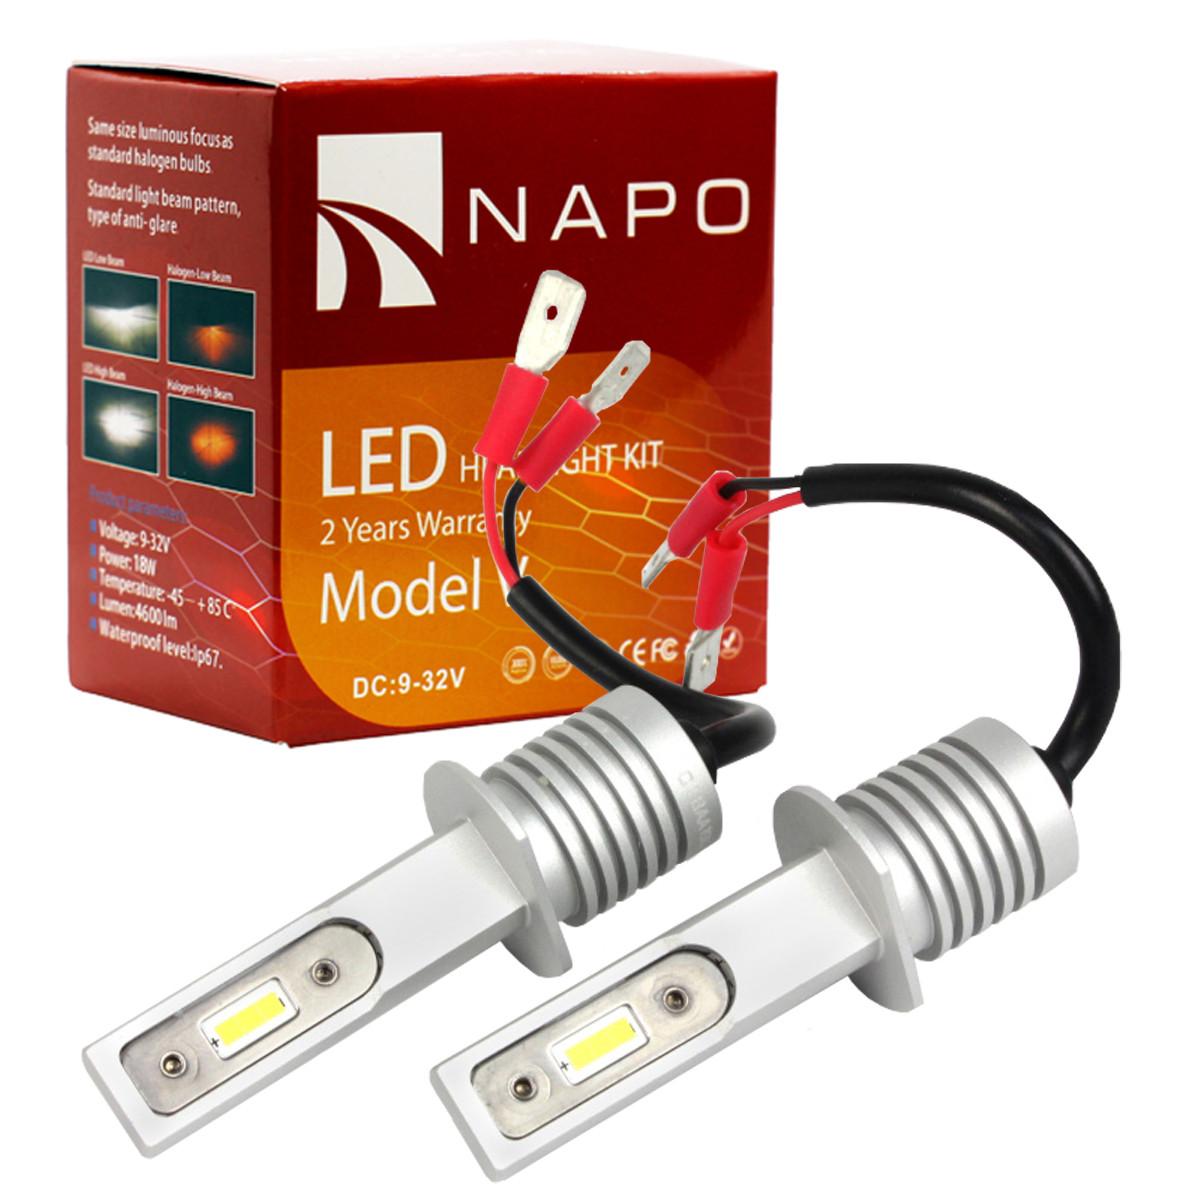 Лампа светодиодная NAPO Model V  H1  4600 Lum/комплект, цвет свечения белый, 2 шт/комплект. Гарантия 2 года.